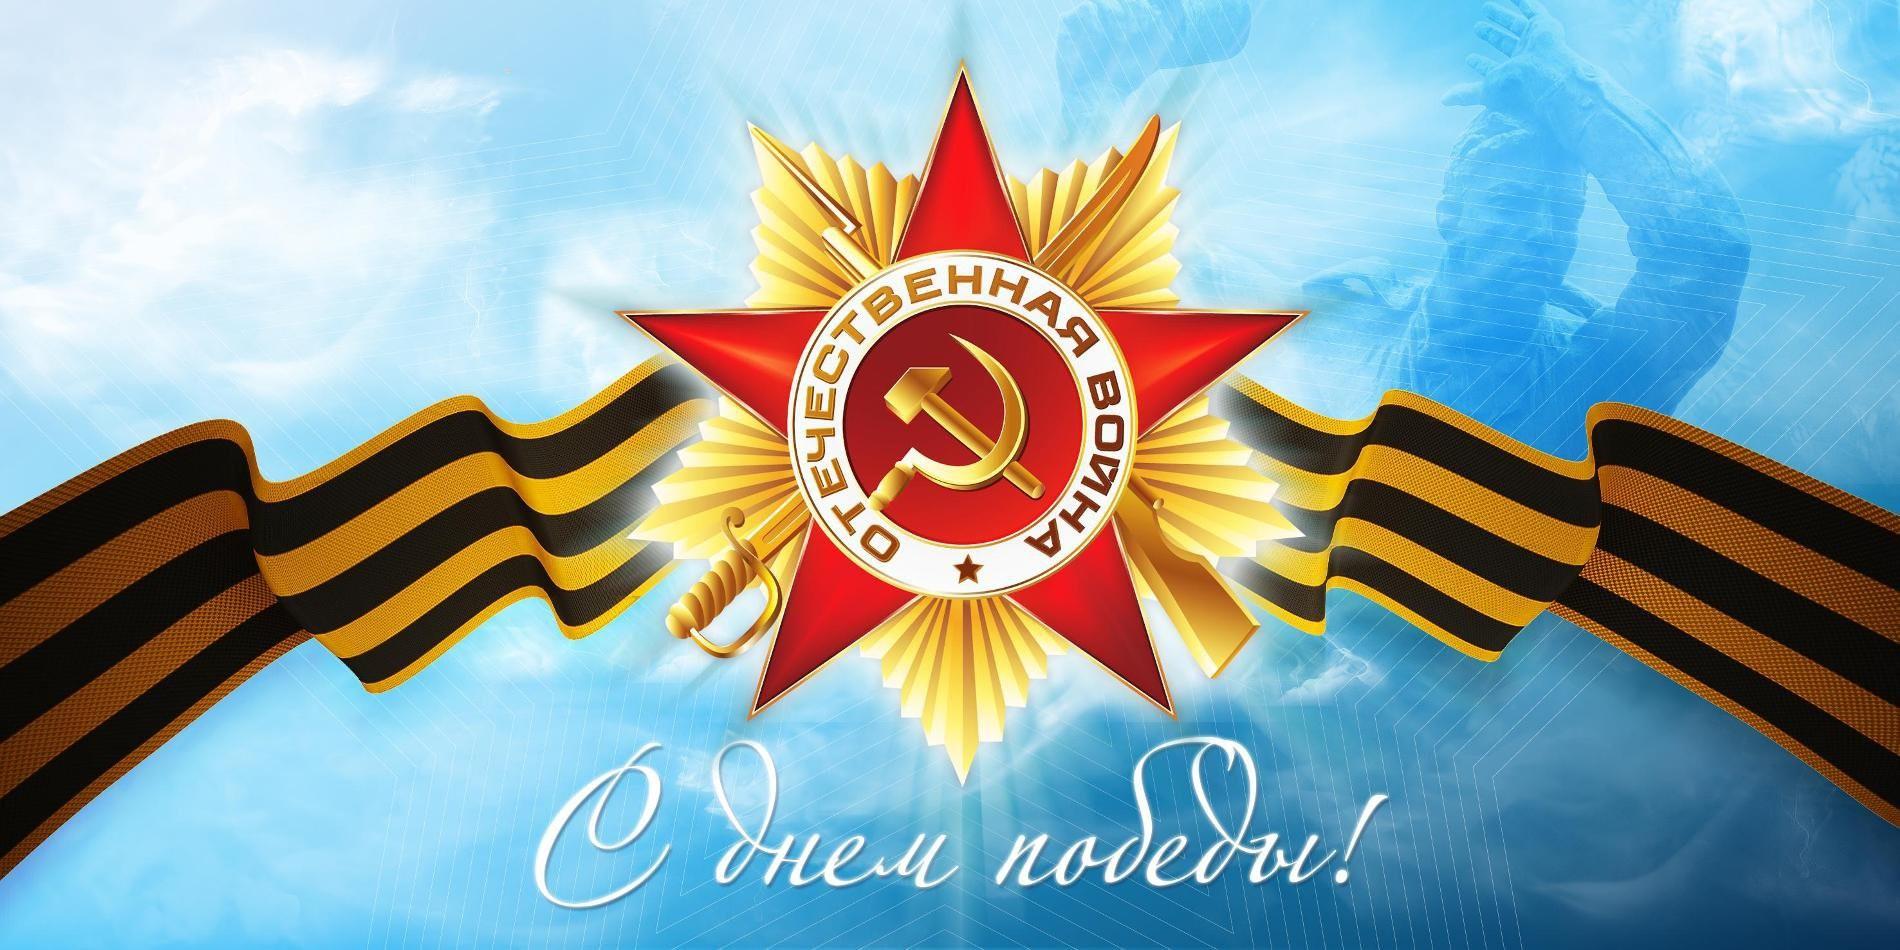 Поздравляем С 9 Мая! С Днем Победы!